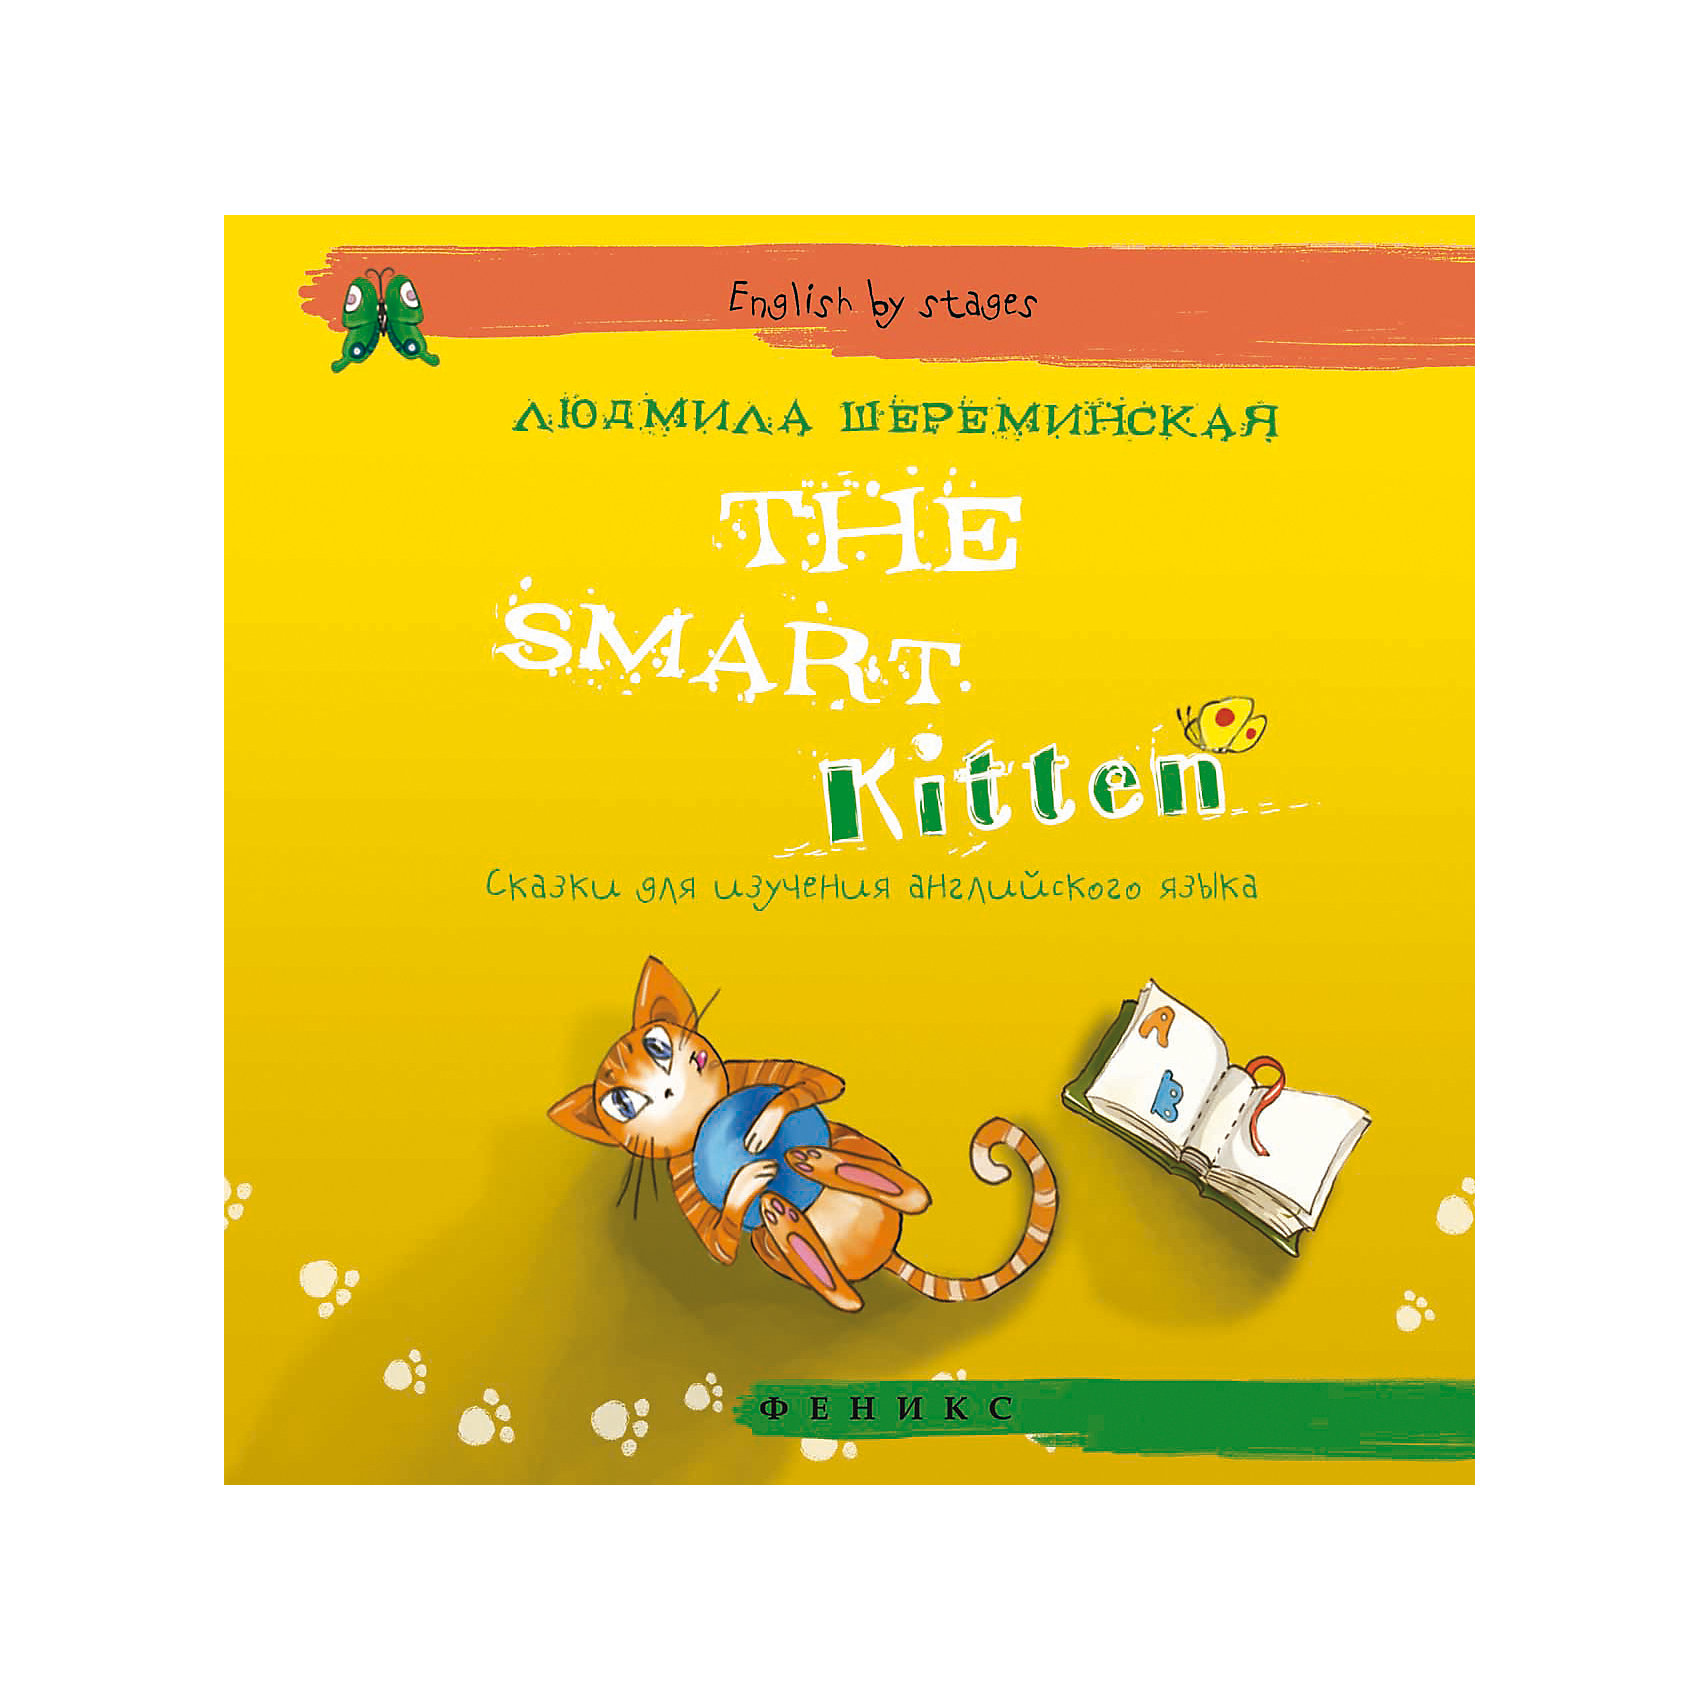 The Smart Kitten: сказки для изучения английскогоИностранный язык<br>Характеристики товара: <br><br>• ISBN: 978-5-222-24445-6; <br>• возраст: от 7 лет;<br>• формат: 84*90/16; <br>• бумага: мелованная; <br>• иллюстрации: цветные; <br>• серия: English by Stages;<br>• издательство: Феникс; <br>• автор: Шереминская Л.Г.;<br>• количество страниц:31; <br>• размер: 20,5х20,5 см;<br>• вес: 91 грамм.<br><br>Книга «The Smart Kitten: сказки для изучения английского» предназначена для детей младшего школьного возраста. В издании собраны самые интересные сказки на английском языке. Прочитав их самостоятельно, ребенок пополнит словарный запас и узнает много интересных историй. Сказки можно дополнить своими сюжетами и репликами.<br><br>Книгу «The Smart Kitten: сказки для изучения английского», Феникс можно купить в нашем интернет-магазине.<br><br>Ширина мм: 205<br>Глубина мм: 205<br>Высота мм: 2<br>Вес г: 364<br>Возраст от месяцев: 36<br>Возраст до месяцев: 108<br>Пол: Унисекс<br>Возраст: Детский<br>SKU: 4771358